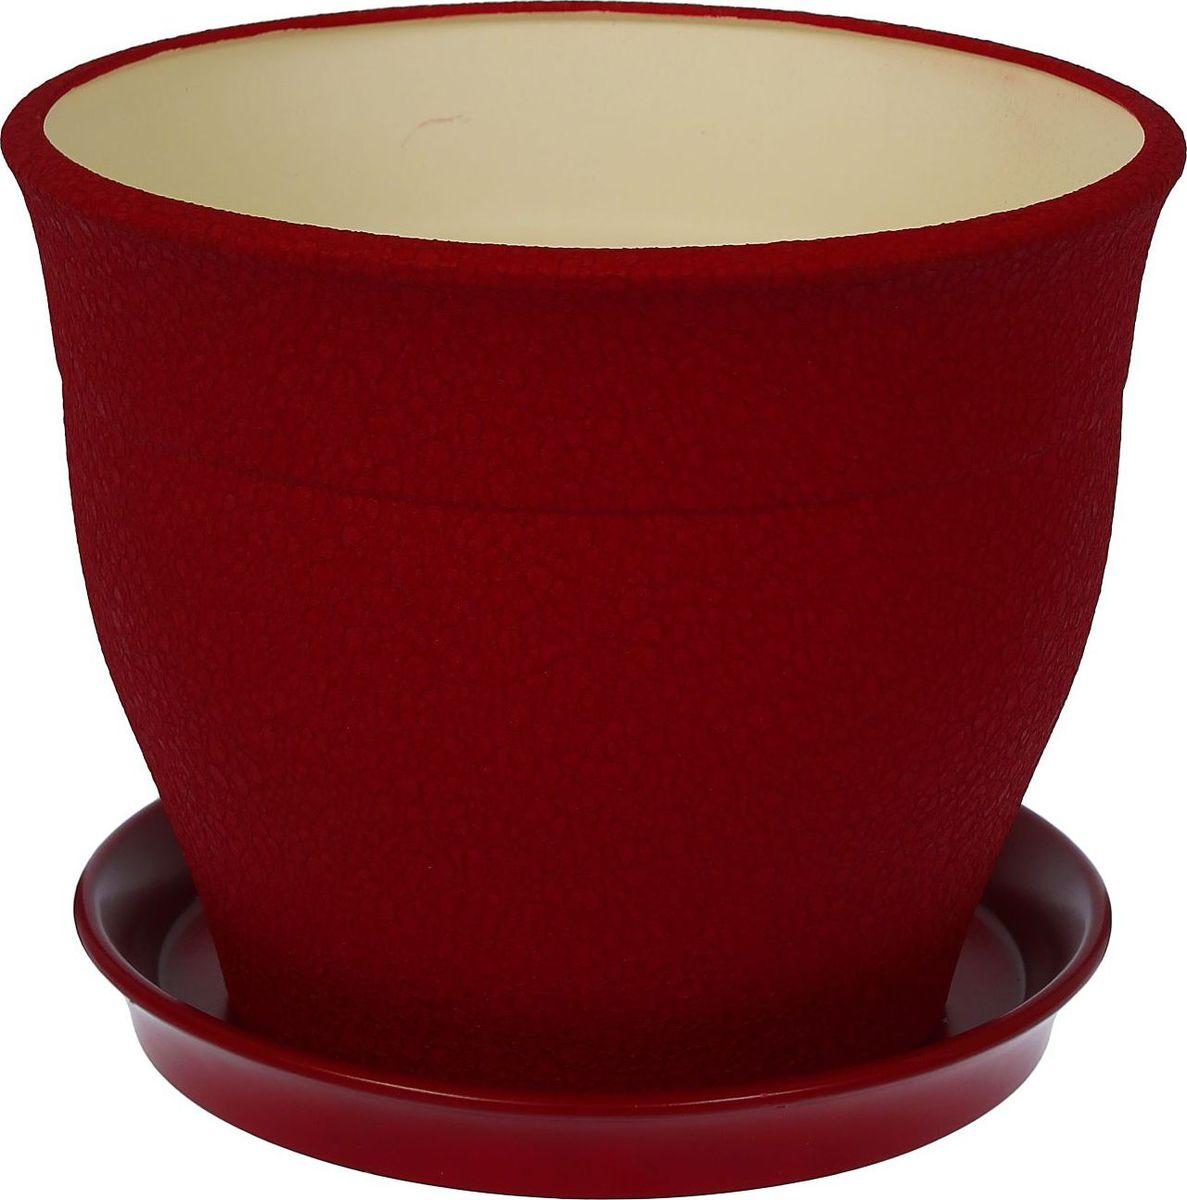 Кашпо Керамика ручной работы Флорис, цвет: бордовый, 12,3 л1309280Комнатные растения — всеобщие любимцы. Они радуют глаз, насыщают помещение кислородом и украшают пространство. Каждому из них необходим свой удобный и красивый дом. Кашпо из керамики прекрасно подходят для высадки растений: за счёт пластичности глины и разных способов обработки существует великое множество форм и дизайновпористый материал позволяет испаряться лишней влагевоздух, необходимый для дыхания корней, проникает сквозь керамические стенки! #name# позаботится о зелёном питомце, освежит интерьер и подчеркнёт его стиль.